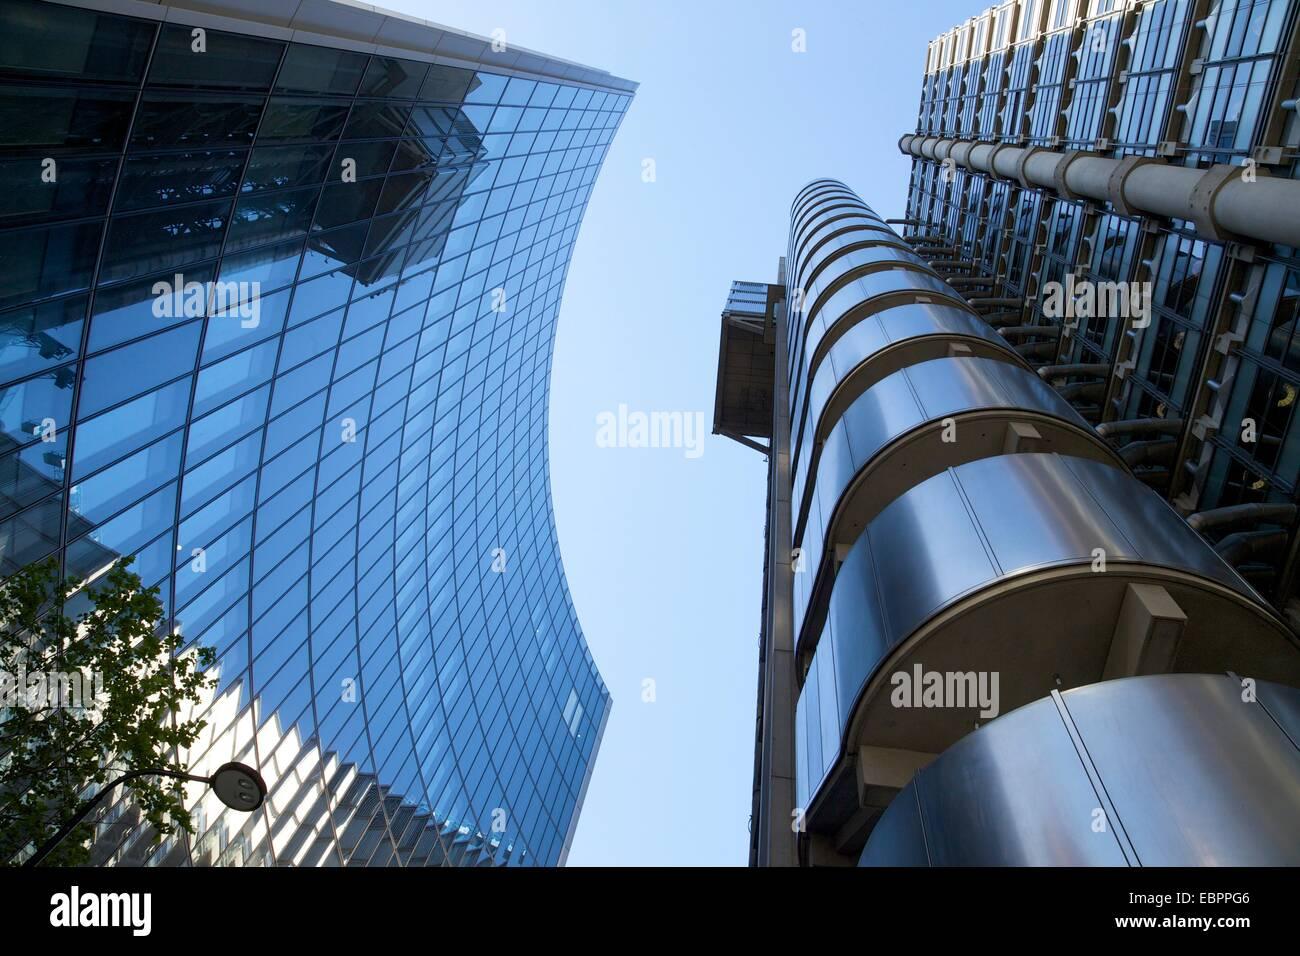 La Lloyds et Willis bâtiments, financial district, ville de Londres, Angleterre, Royaume-Uni, Europe Photo Stock